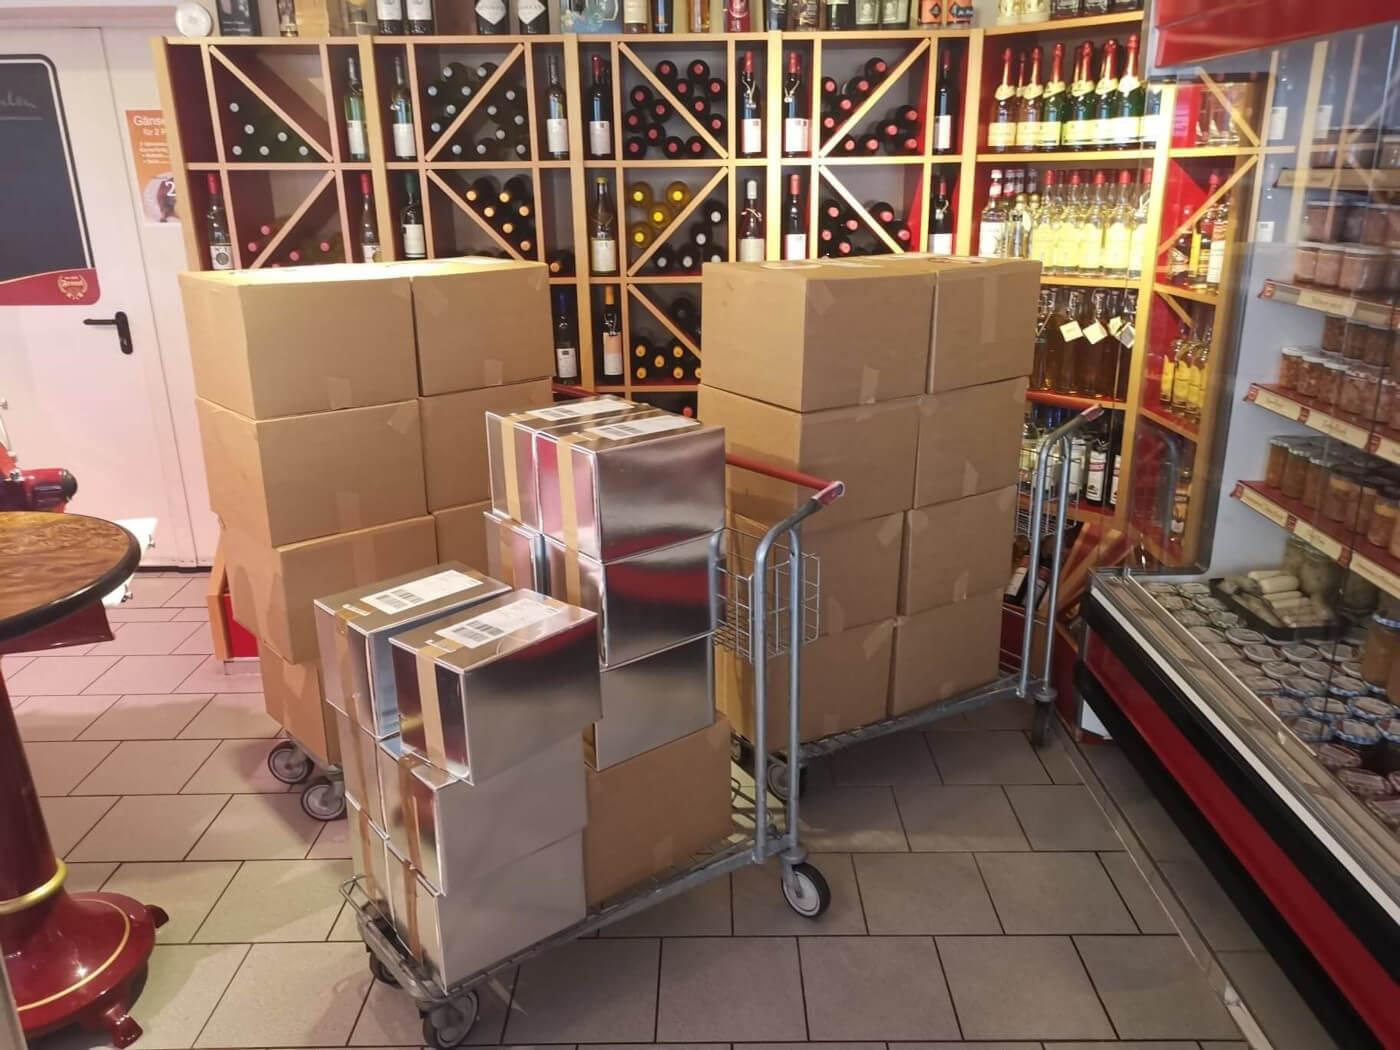 Viele verpackte Onlinebestellungen im Laden der Fleischerei. Im Hintergrund ein Weinregal und Konserven.